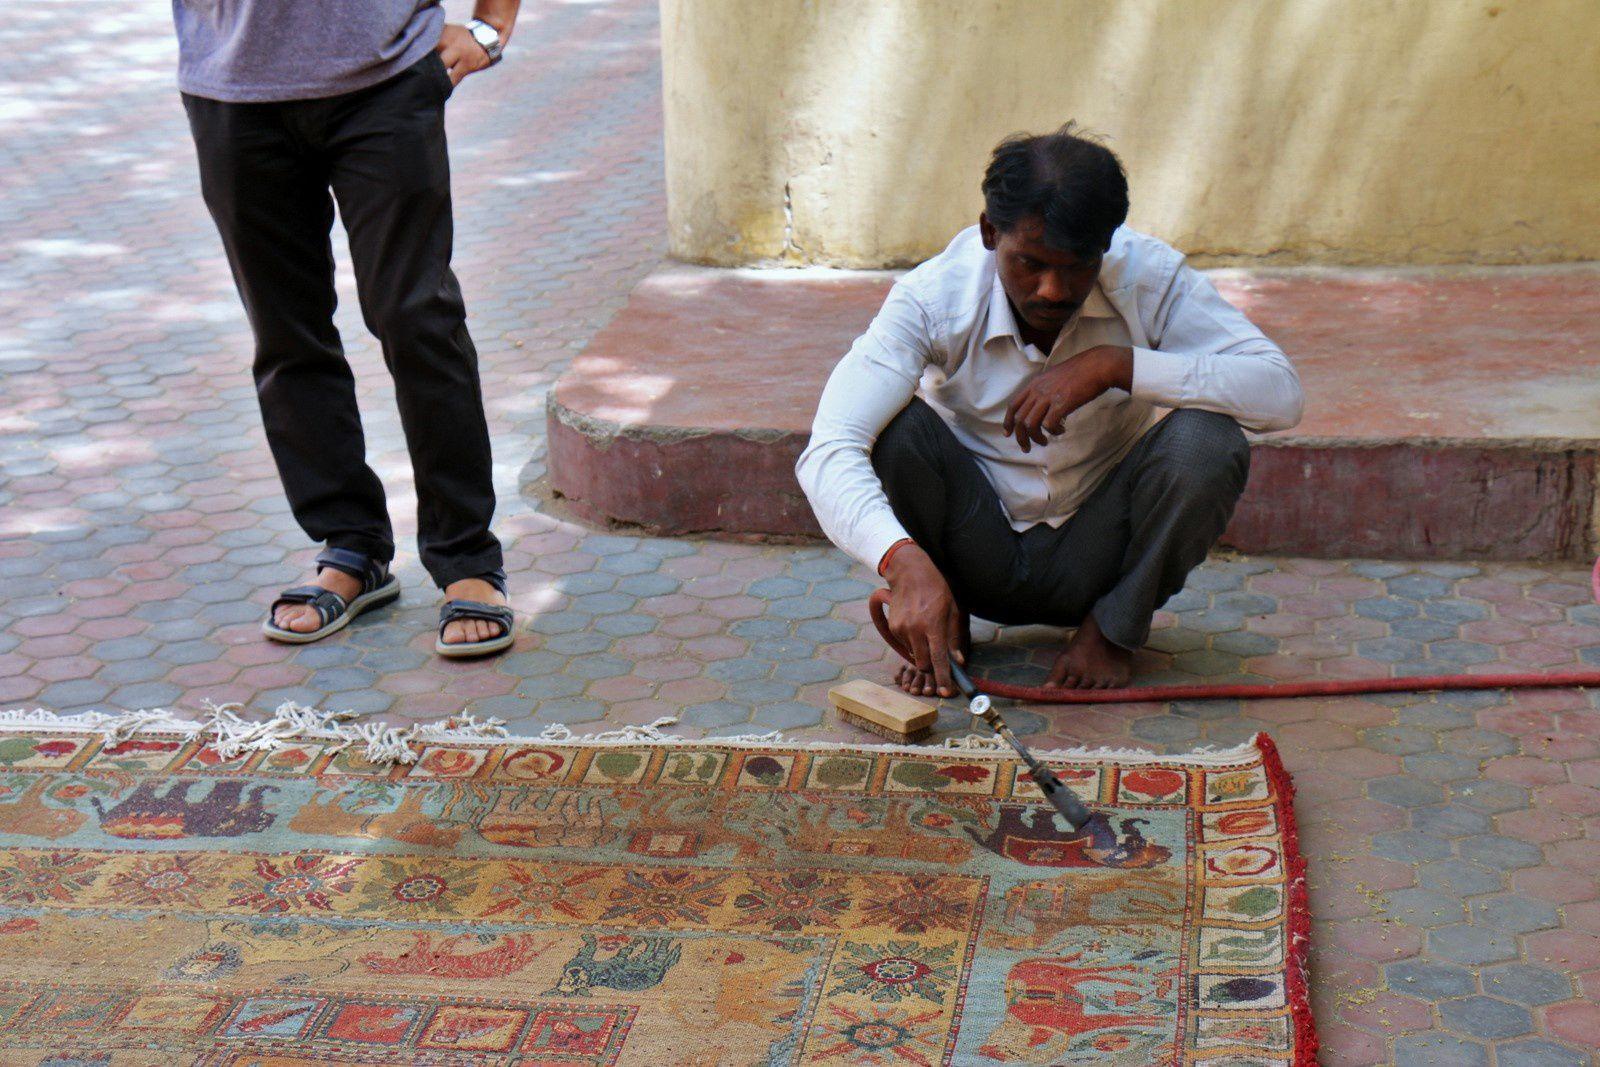 Fabrique de tapis à Jaipur, Rajasthan (Inde)